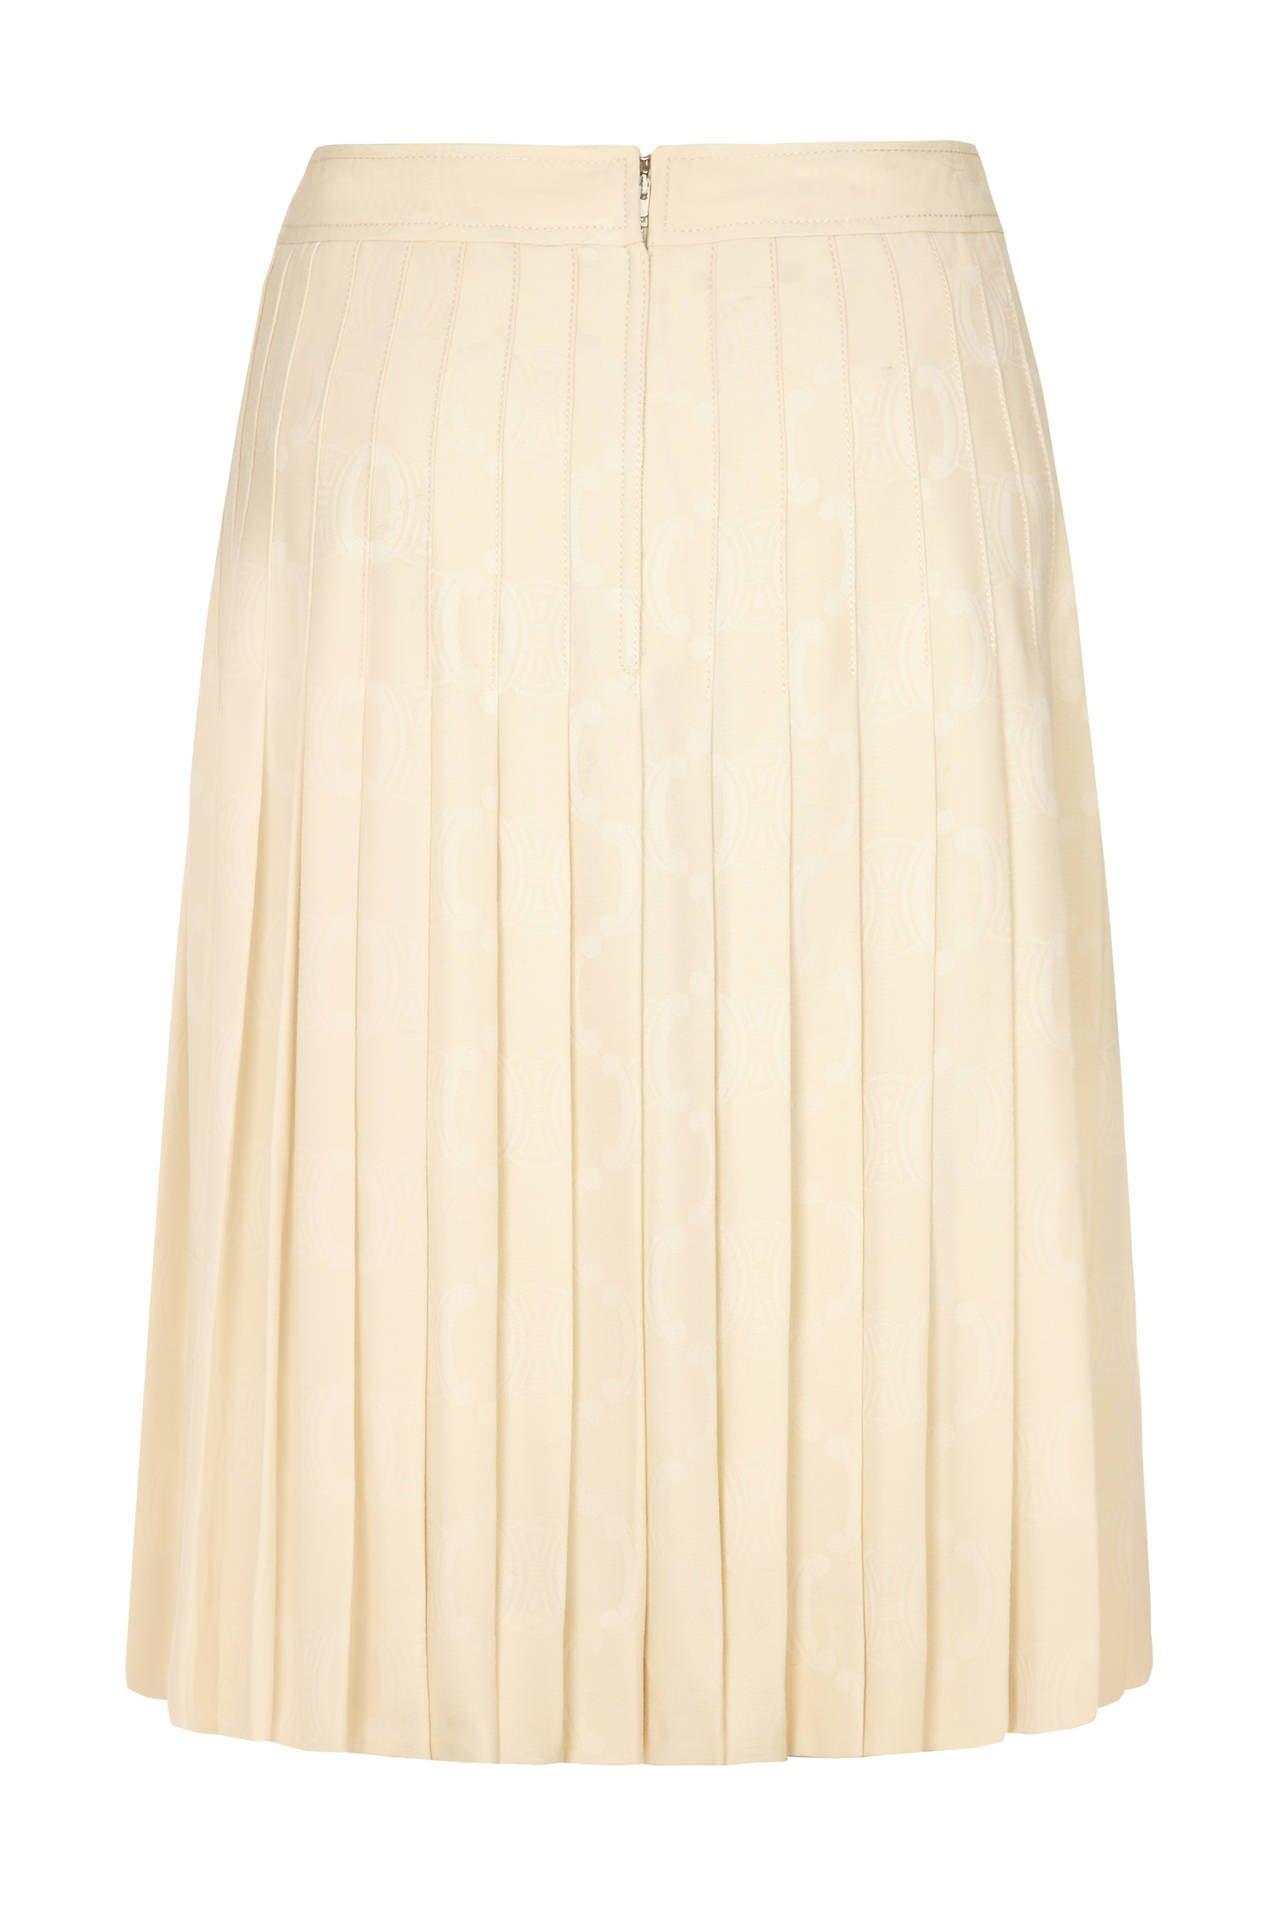 Cream Pleated Skirt 17